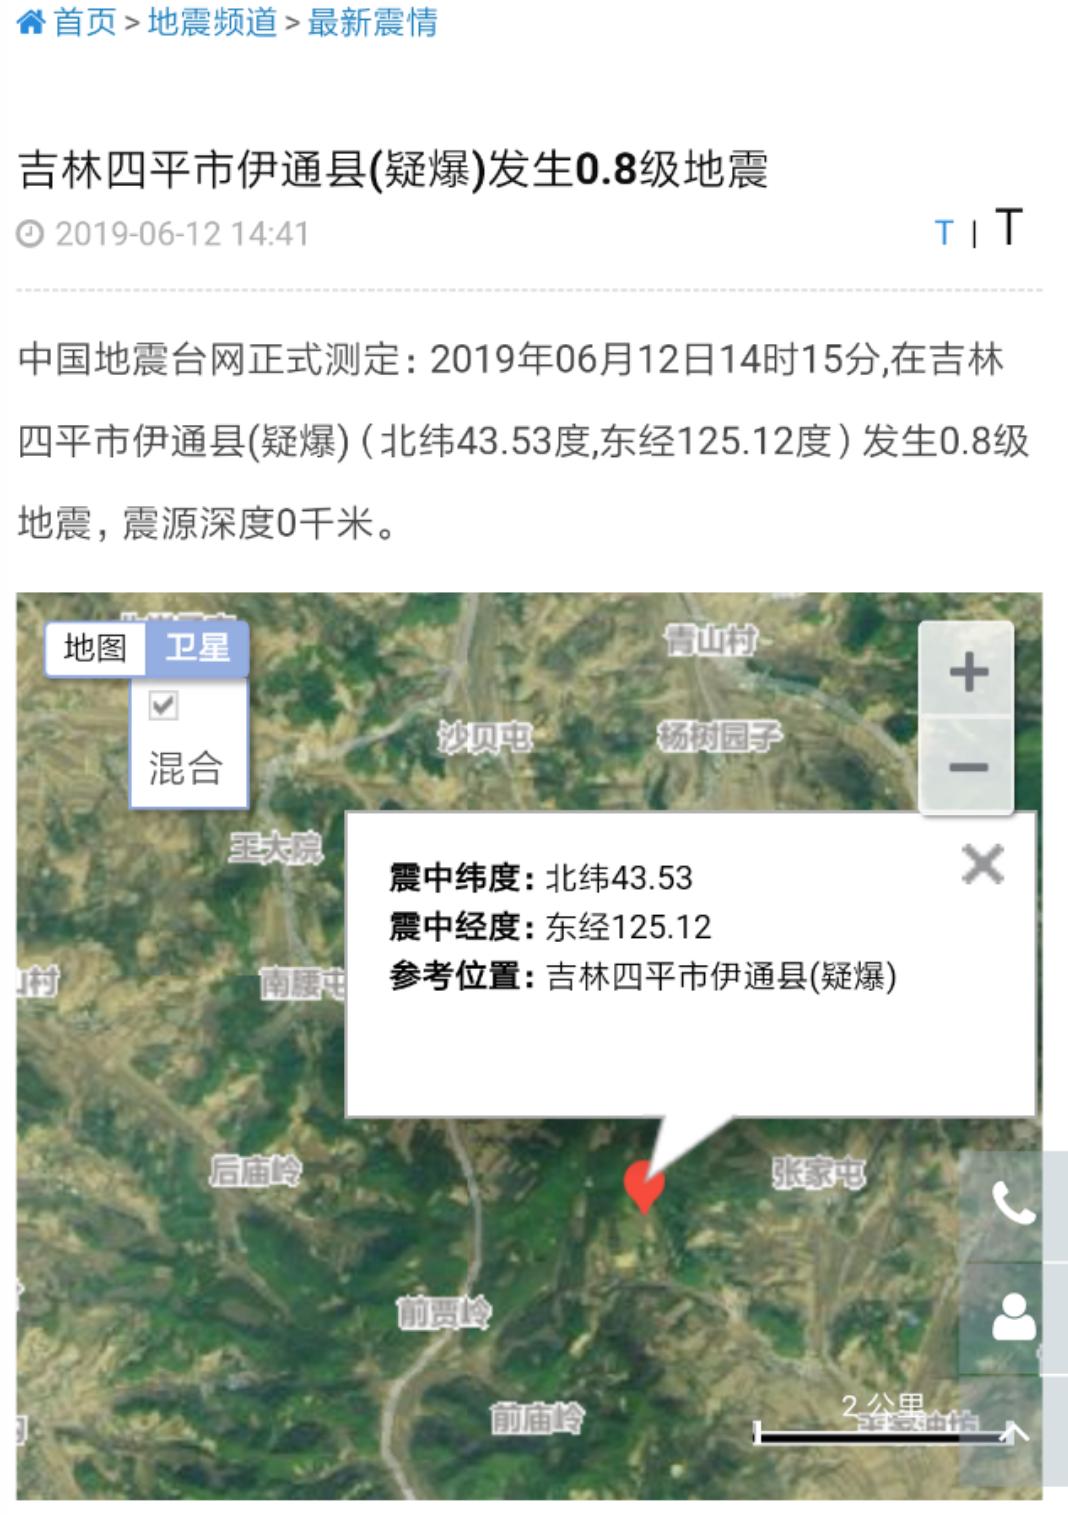 福建省地震局发布消息称,吉林伊通县(疑爆)发生0.8级地震。来源:网页截图